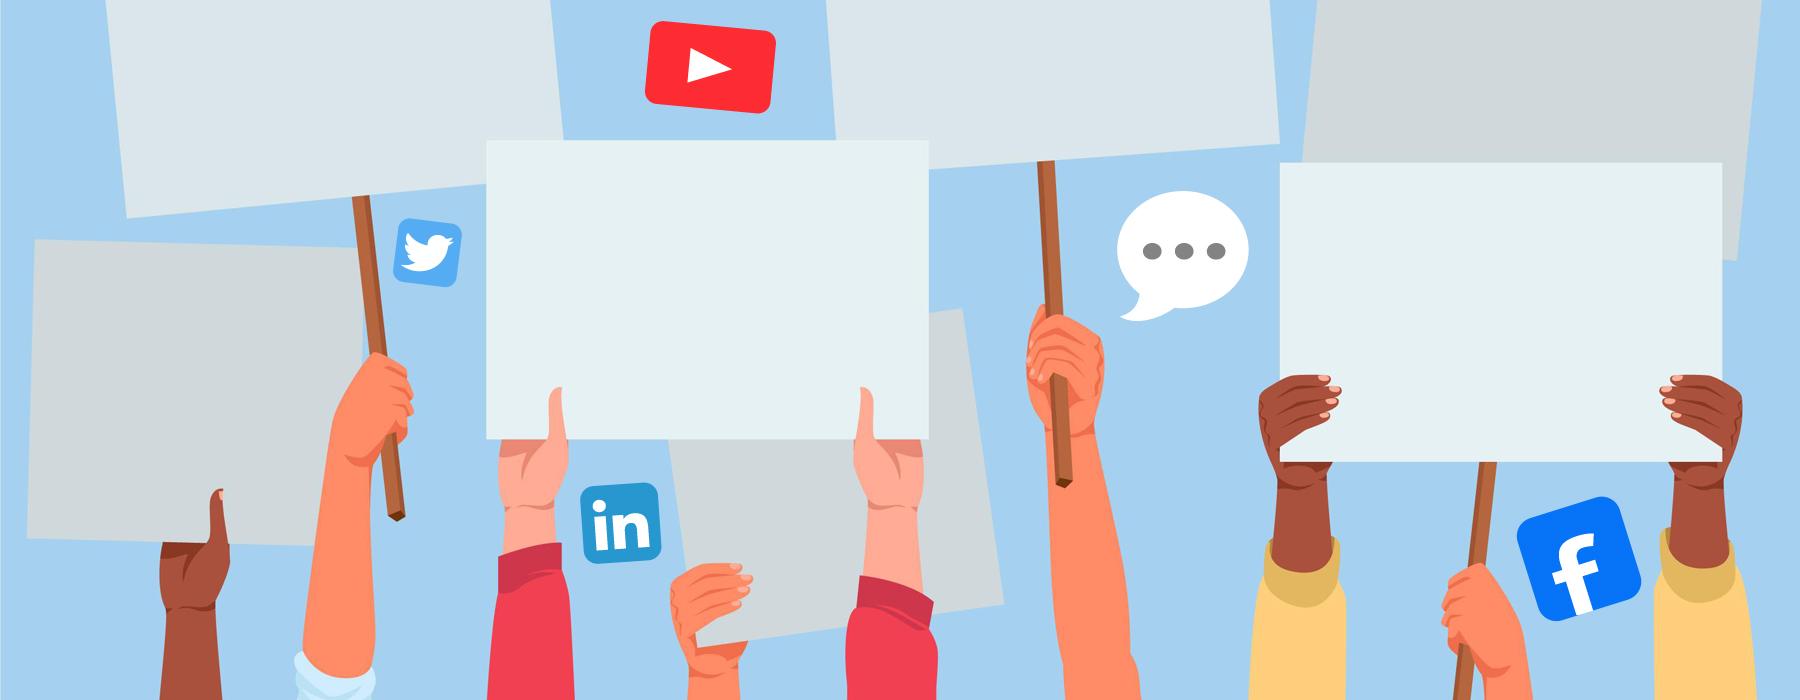 Кратък Наръчник за комуникации в социалните мрежи по време на протести - 1